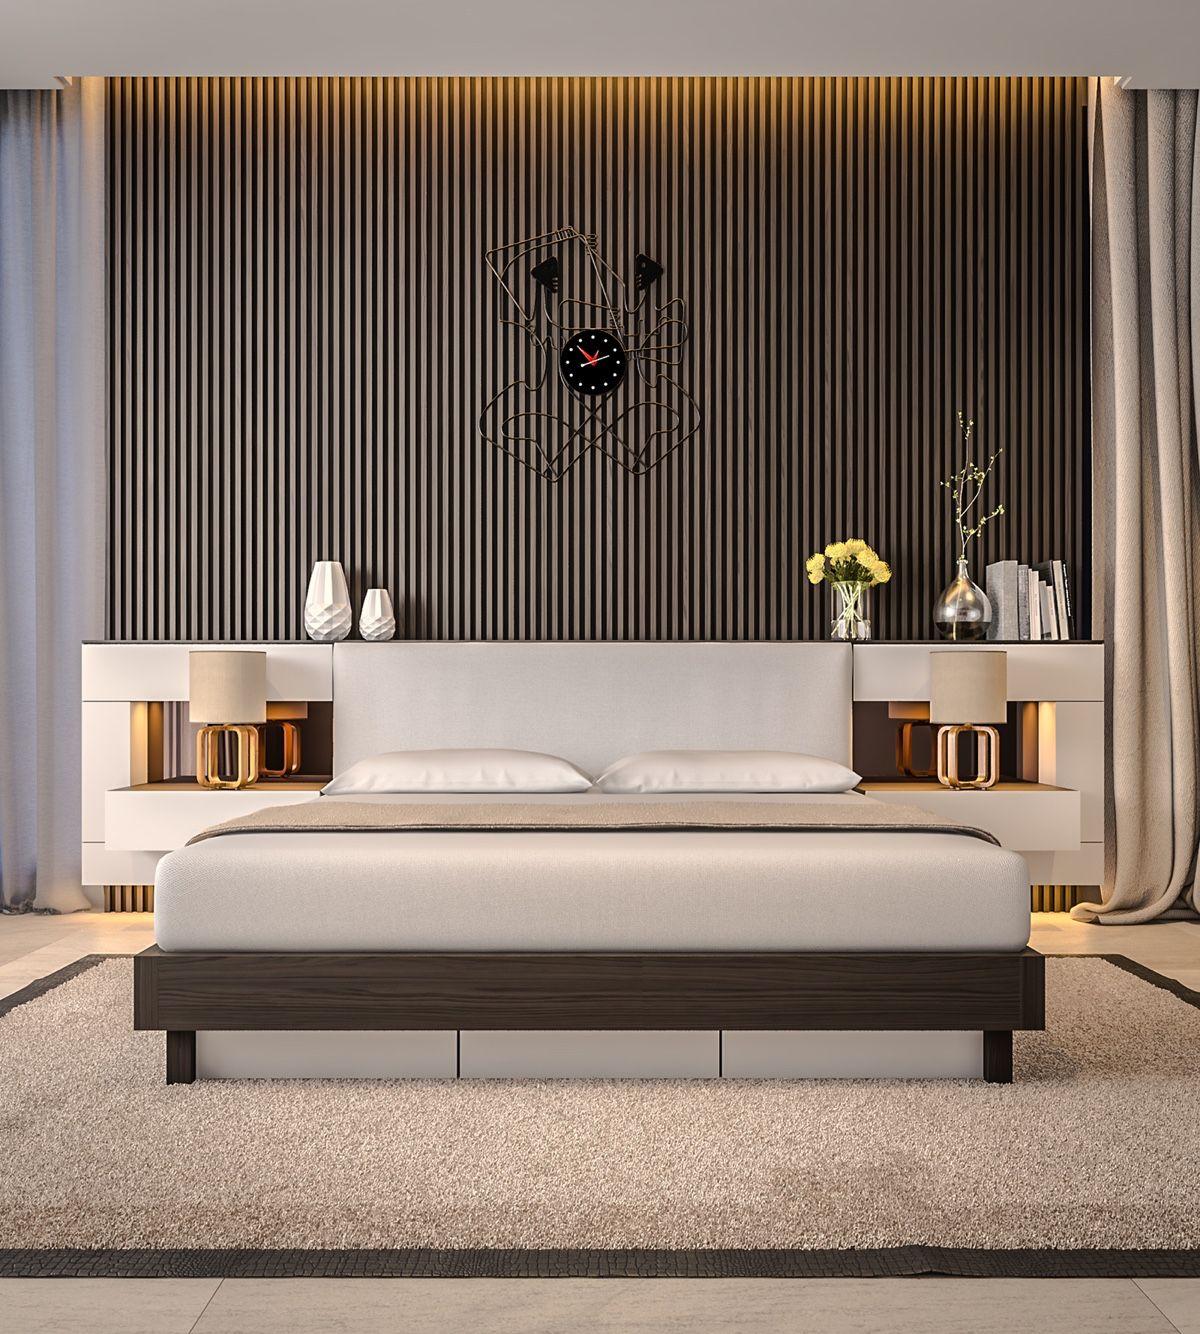 bedroom-accent-wall-grey-slats-artistic-clock